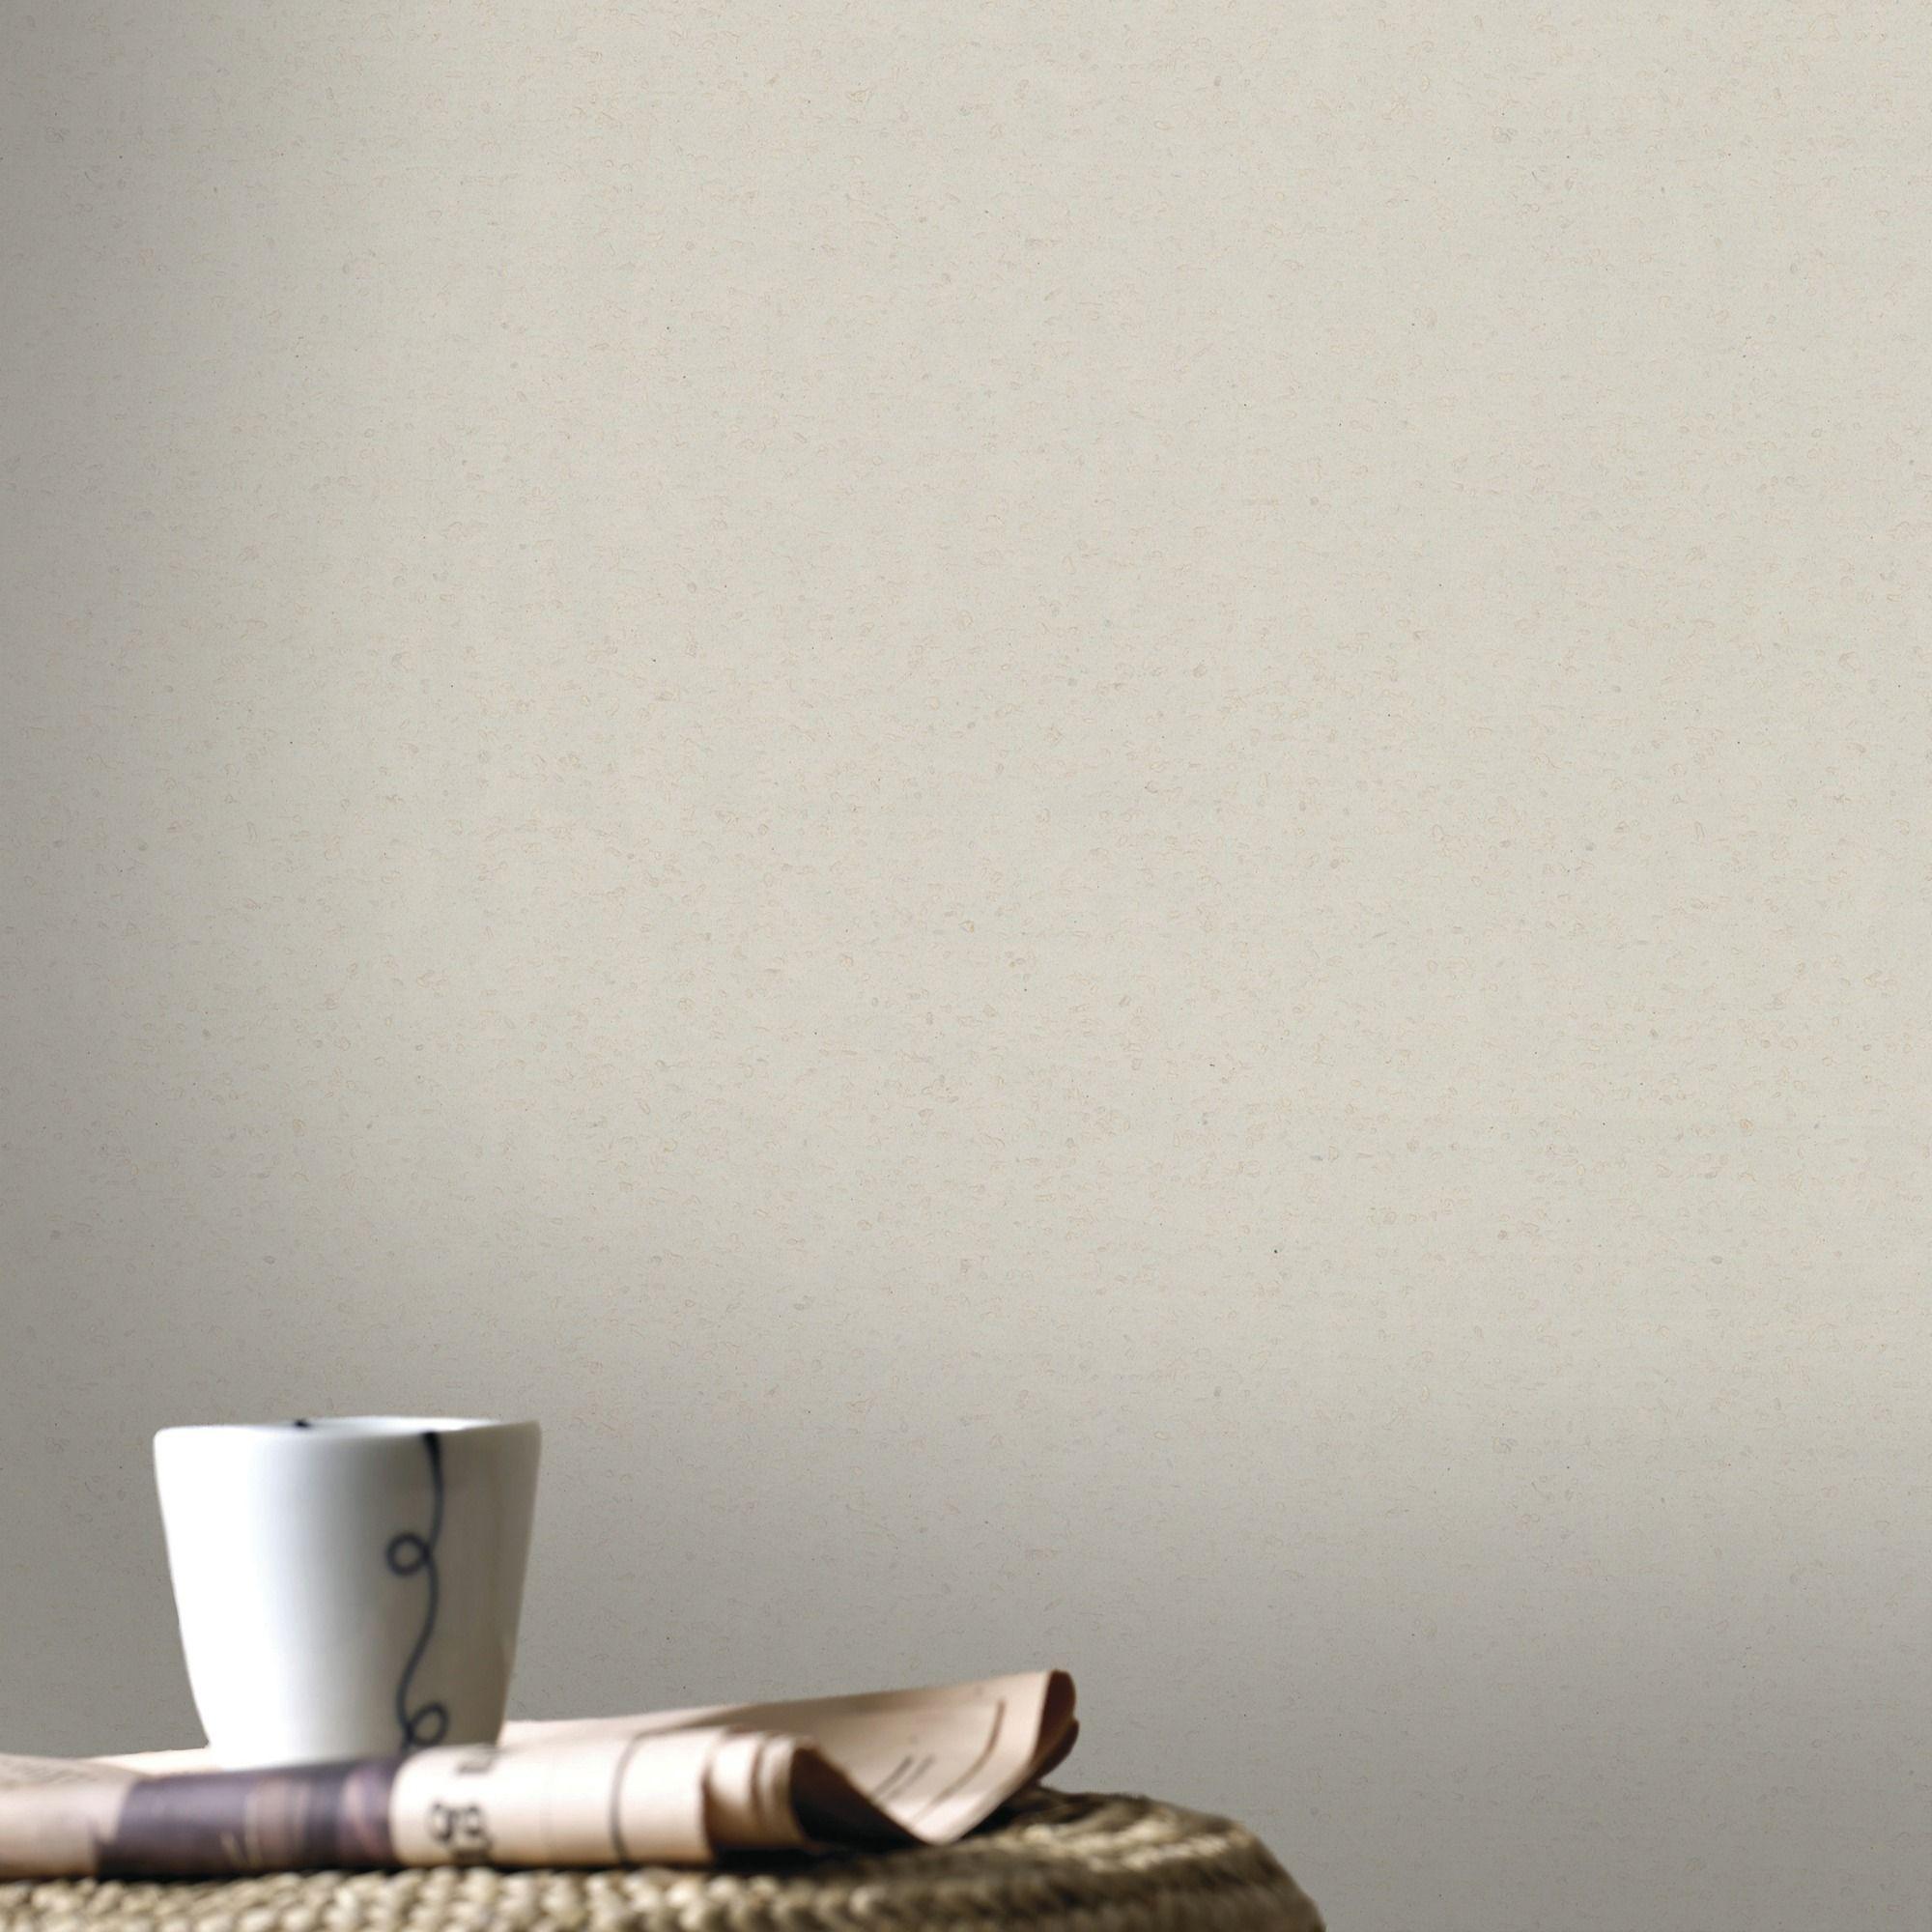 sprh raufaser latest wandtattoo auf frisch mit wunschname wandtattoo with sprh raufaser cheap. Black Bedroom Furniture Sets. Home Design Ideas